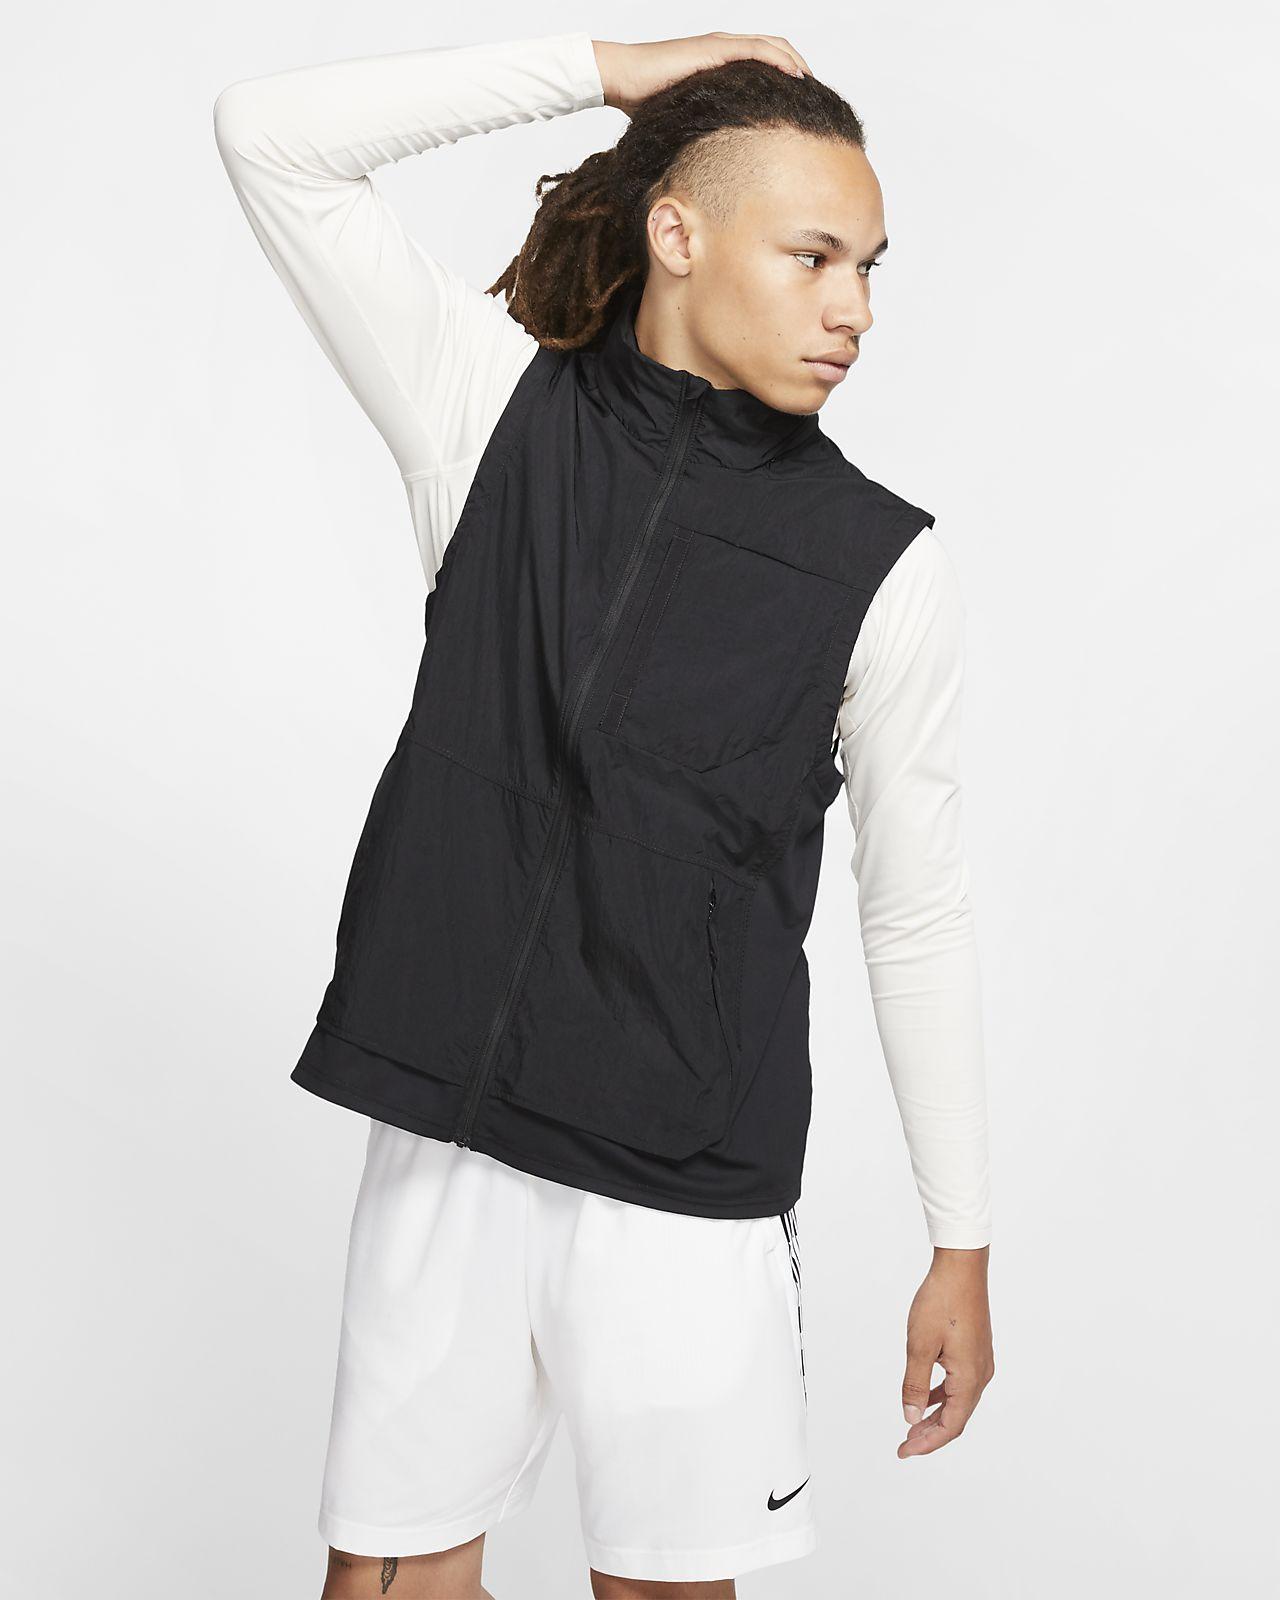 Pánská tréninková vesta Nike s kapucí